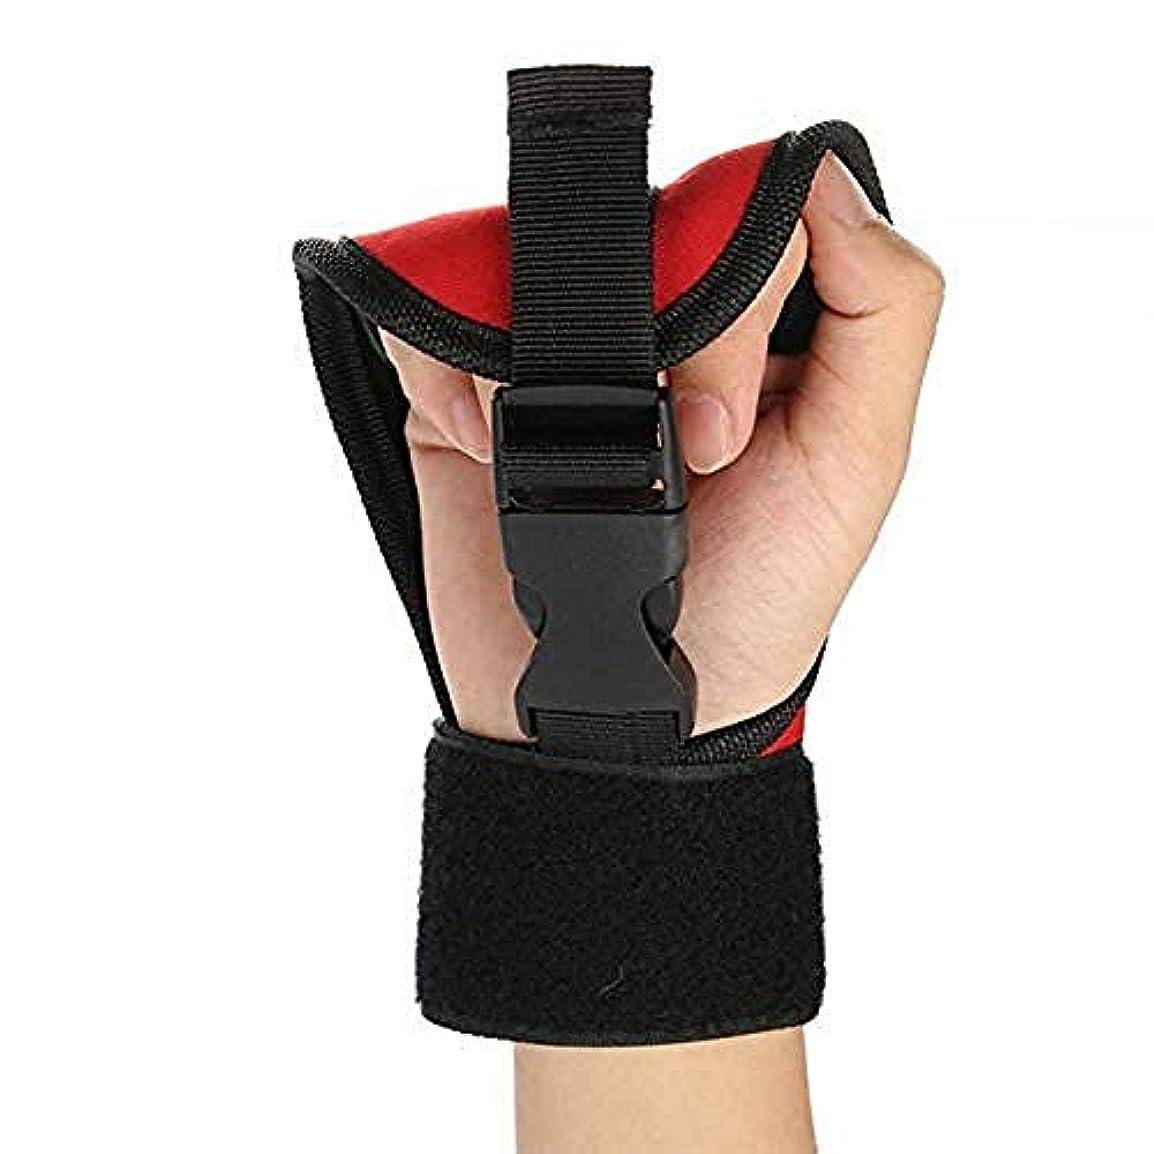 瞑想落胆した狐指の負傷のサポート、指の延長スプリント(ユニセクシャル)トレーニングハンドパンチ調節可能ストラップ,Buckle